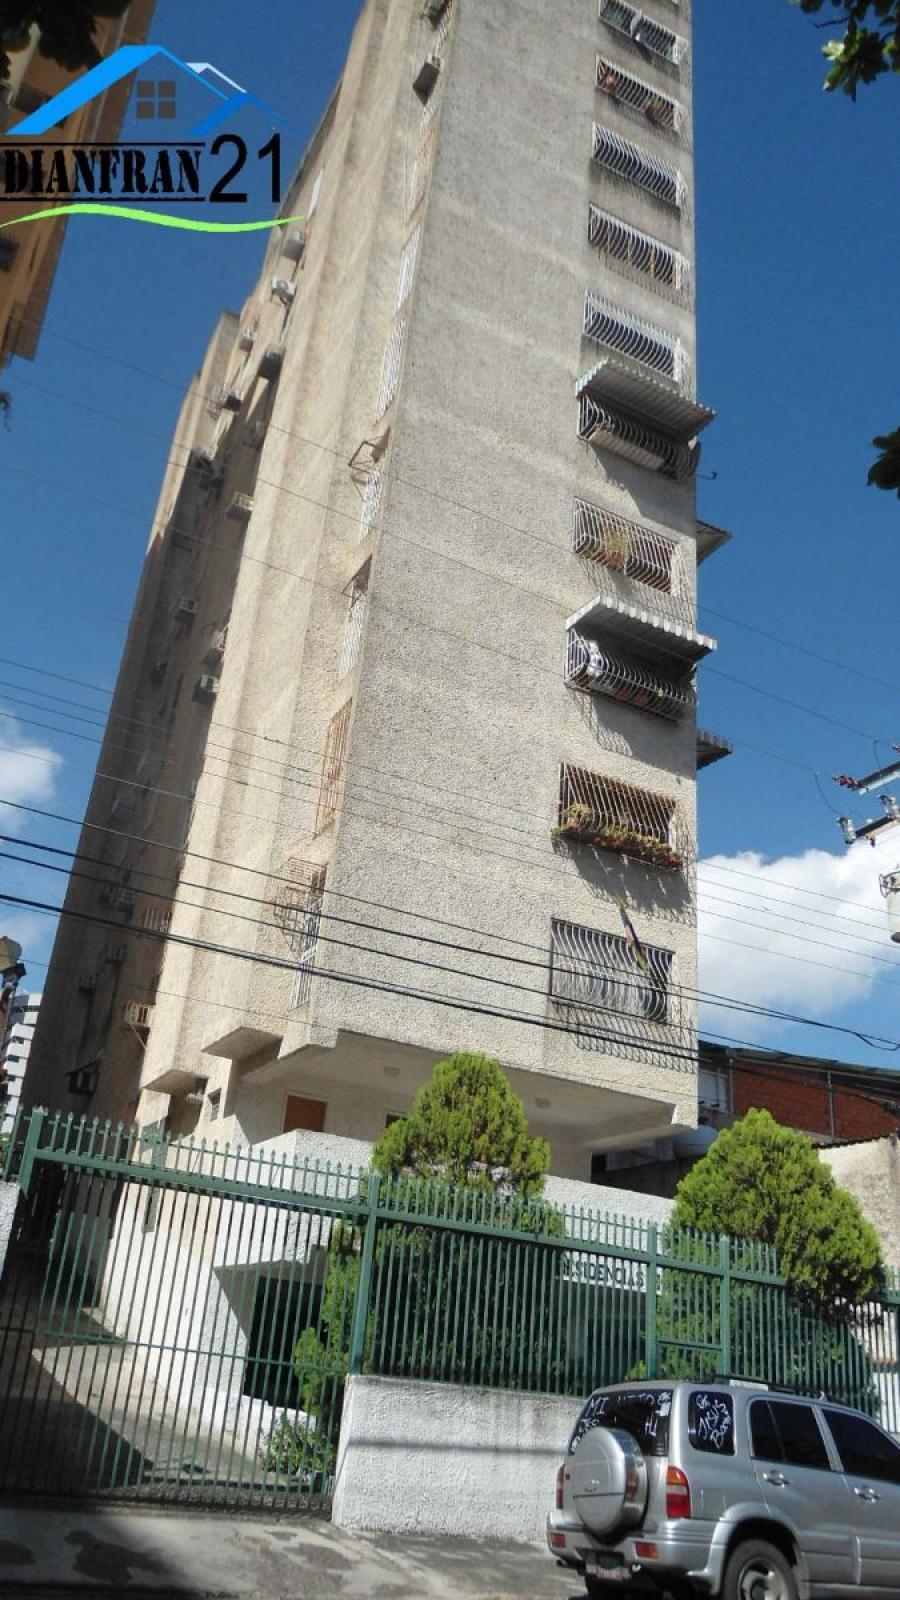 Foto Apartamento en Venta en Maracay, Aragua - U$D 17.000 - APV143427 - BienesOnLine